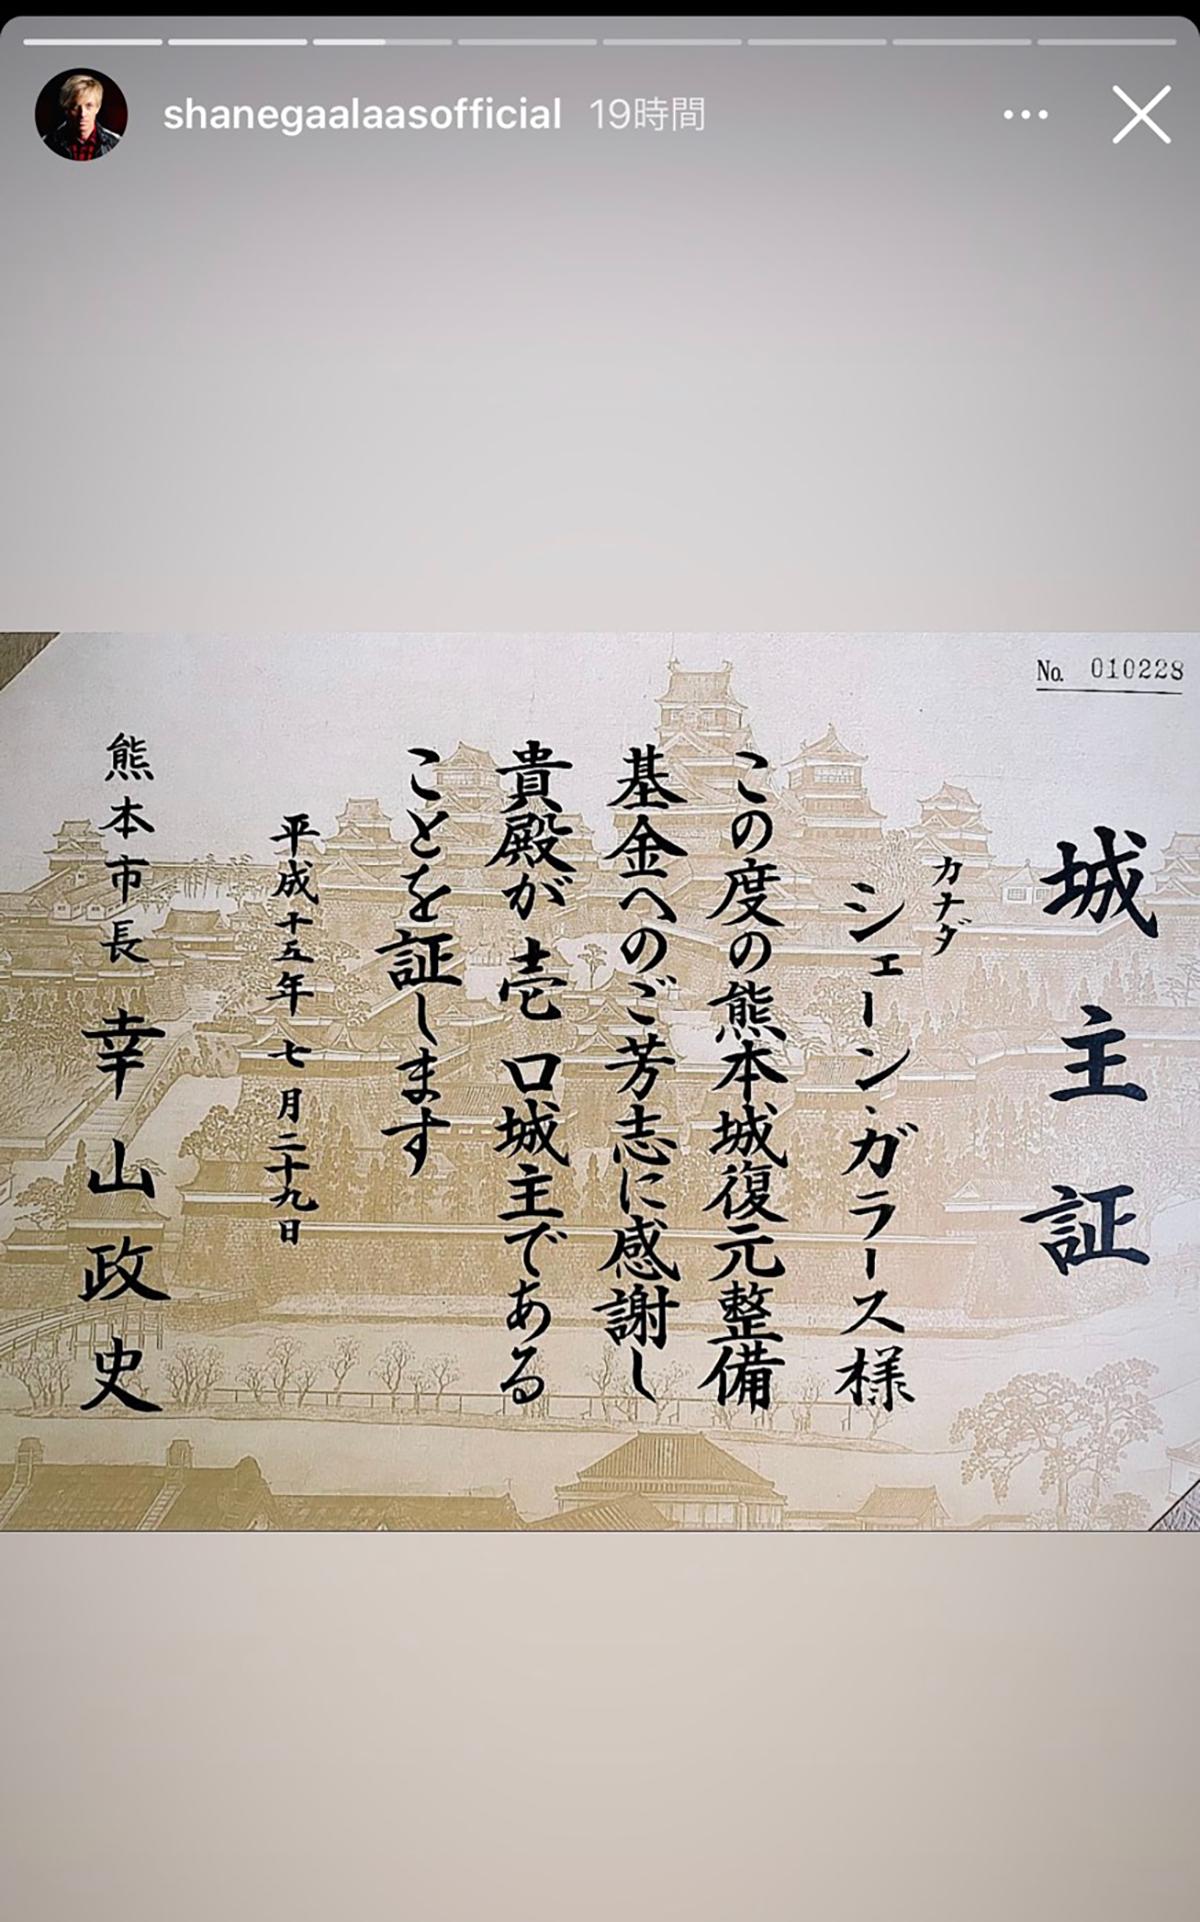 B'z元サポートドラマー・シェーン・ガラースの熊本城「一口城主」証の写真